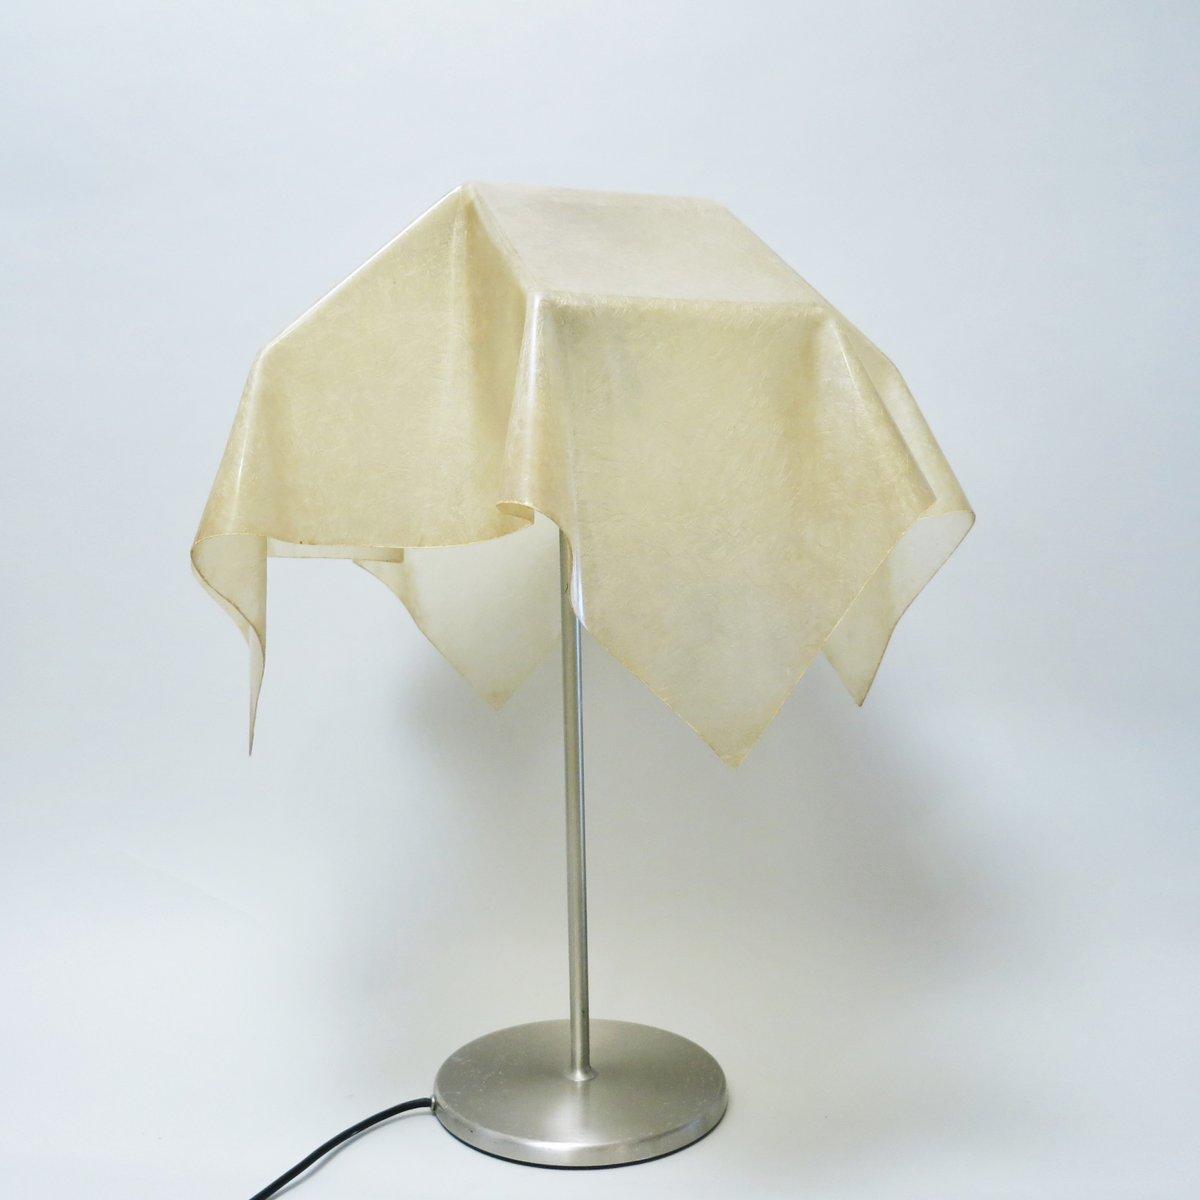 Fazzoletto Lampe von Salvatore Gregorietti für Valenti, 1960er